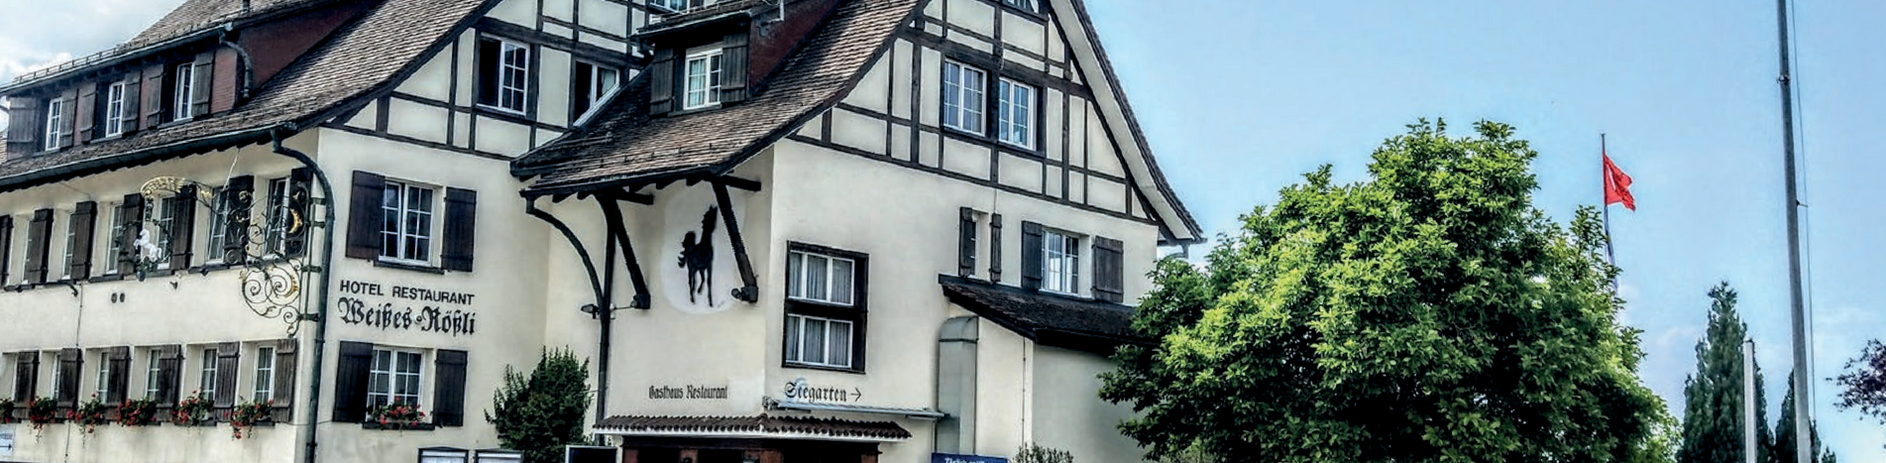 Bodenseehotel_Weisses_Rössli.png